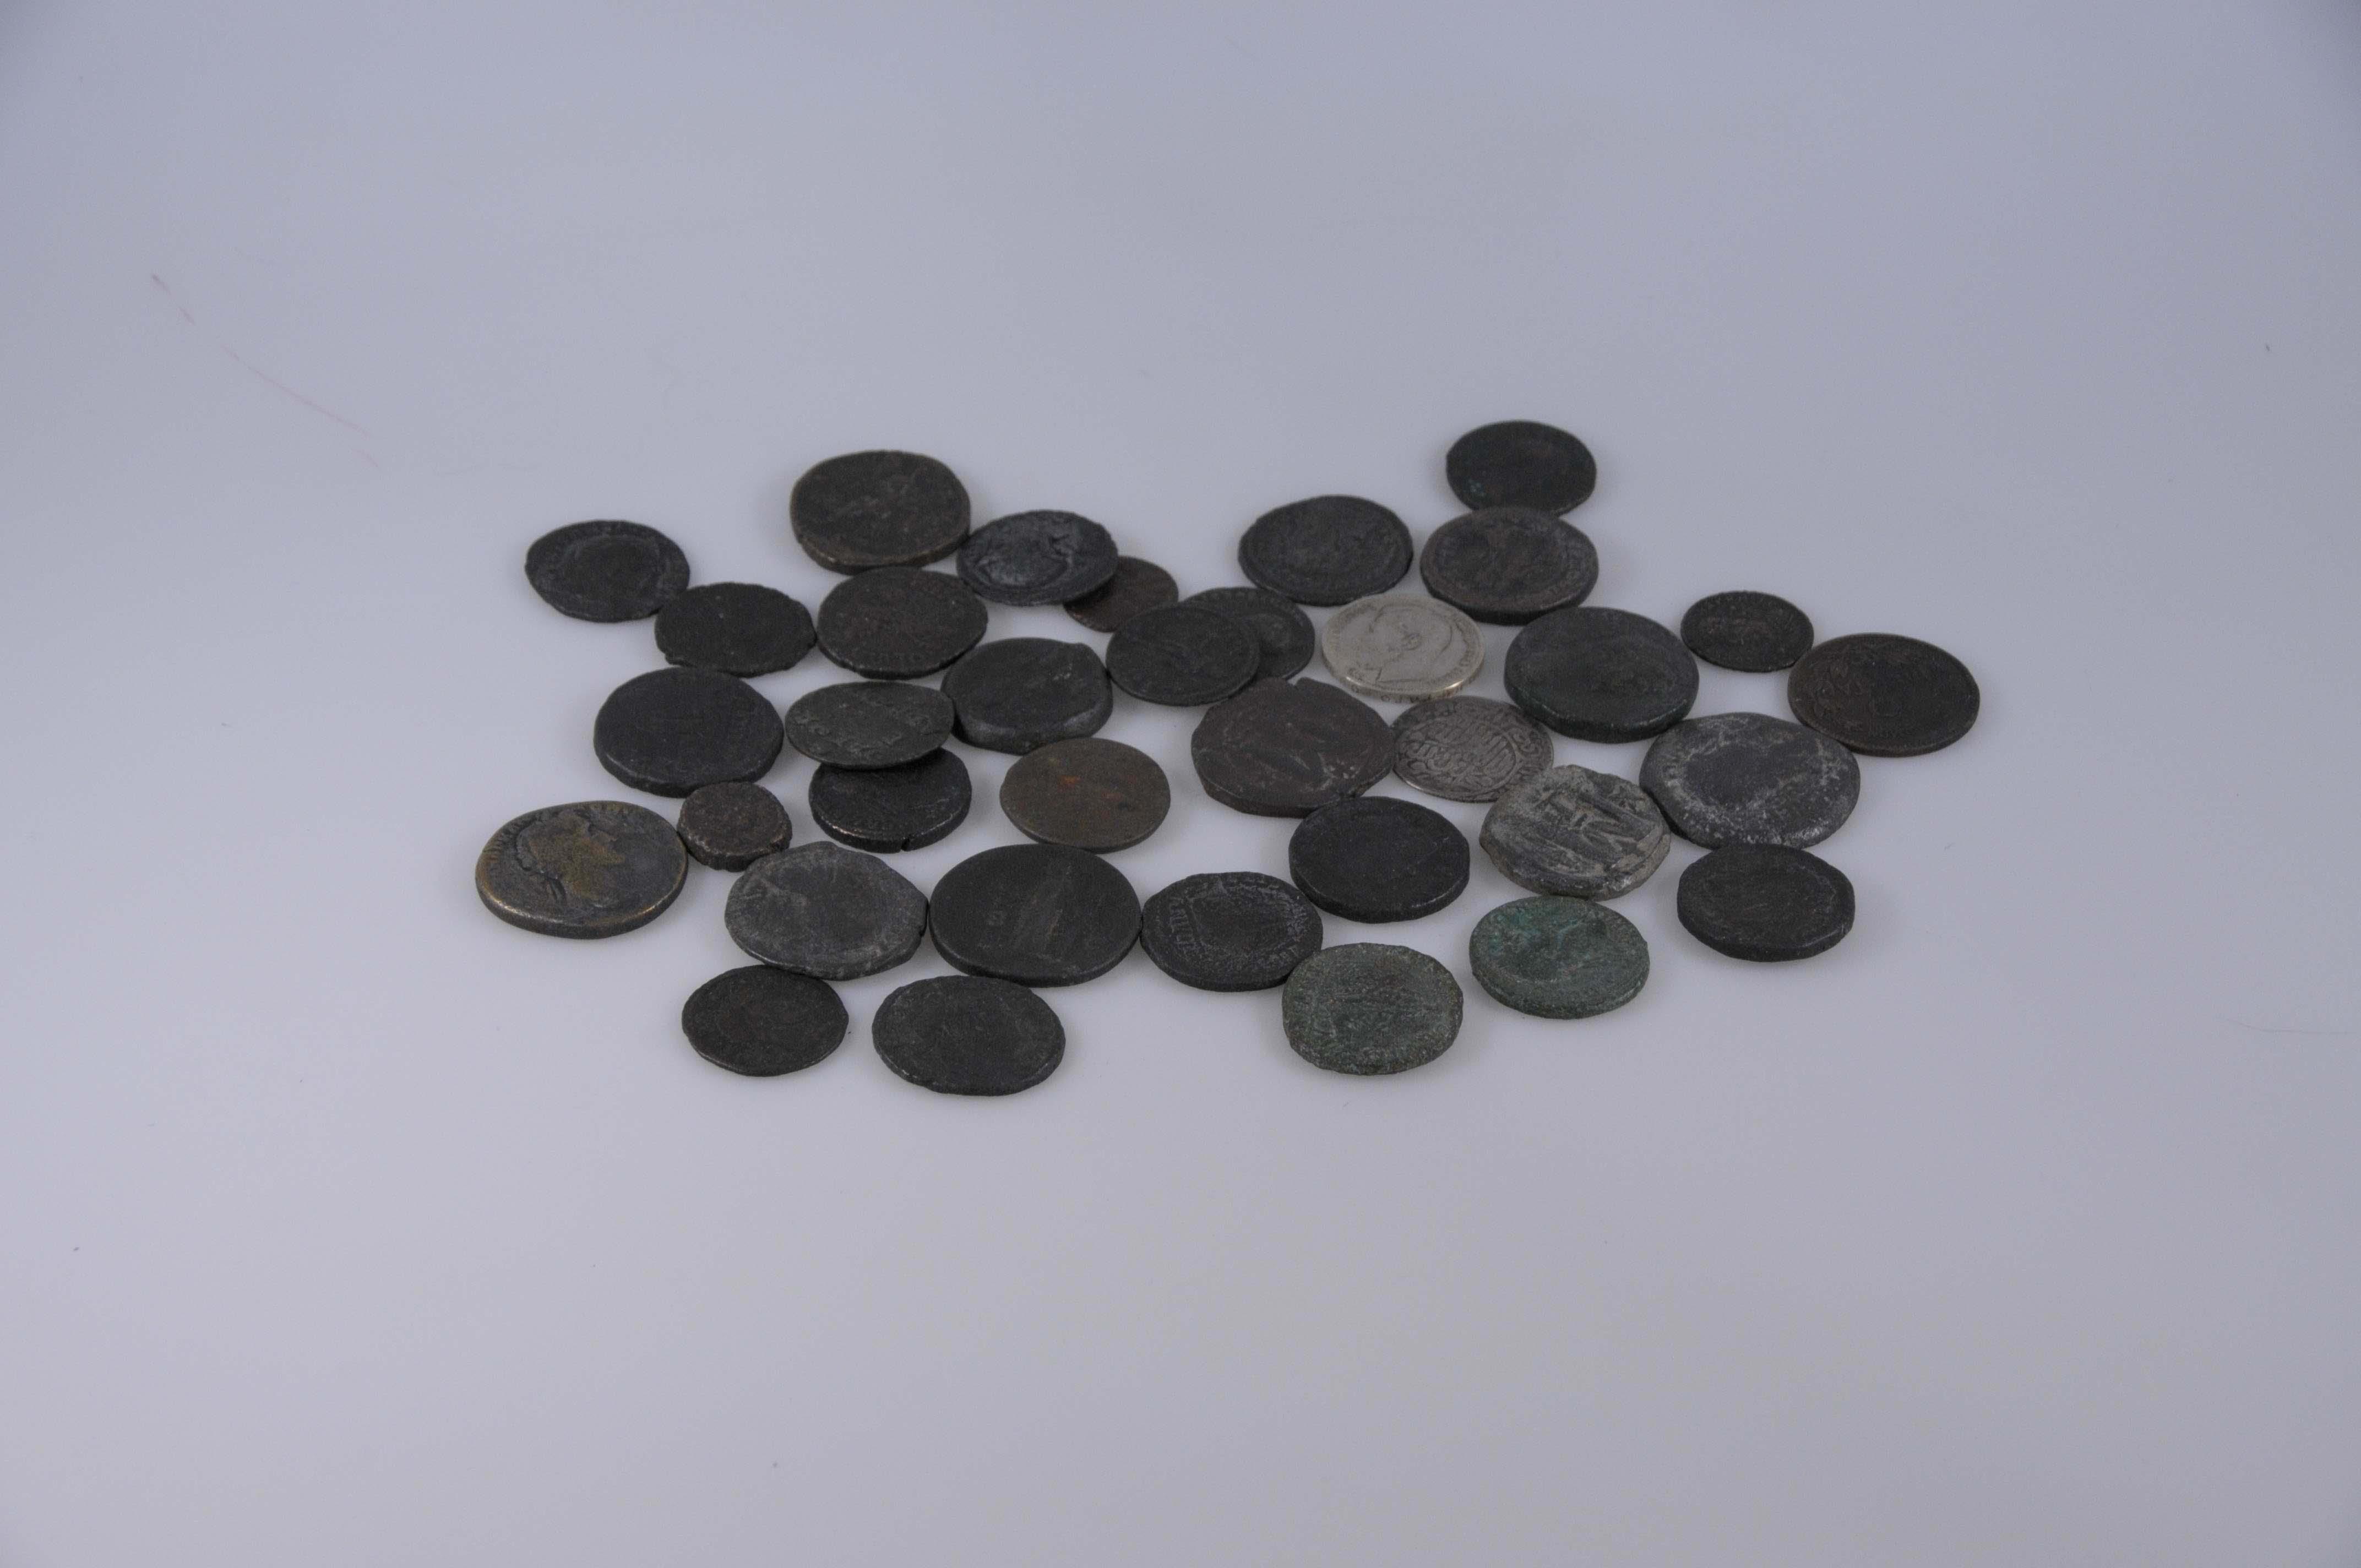 Lot 403 - Antike Lots und Sammlungen -  Auktionshaus Ulrich Felzmann GmbH & Co. KG Coins single lots